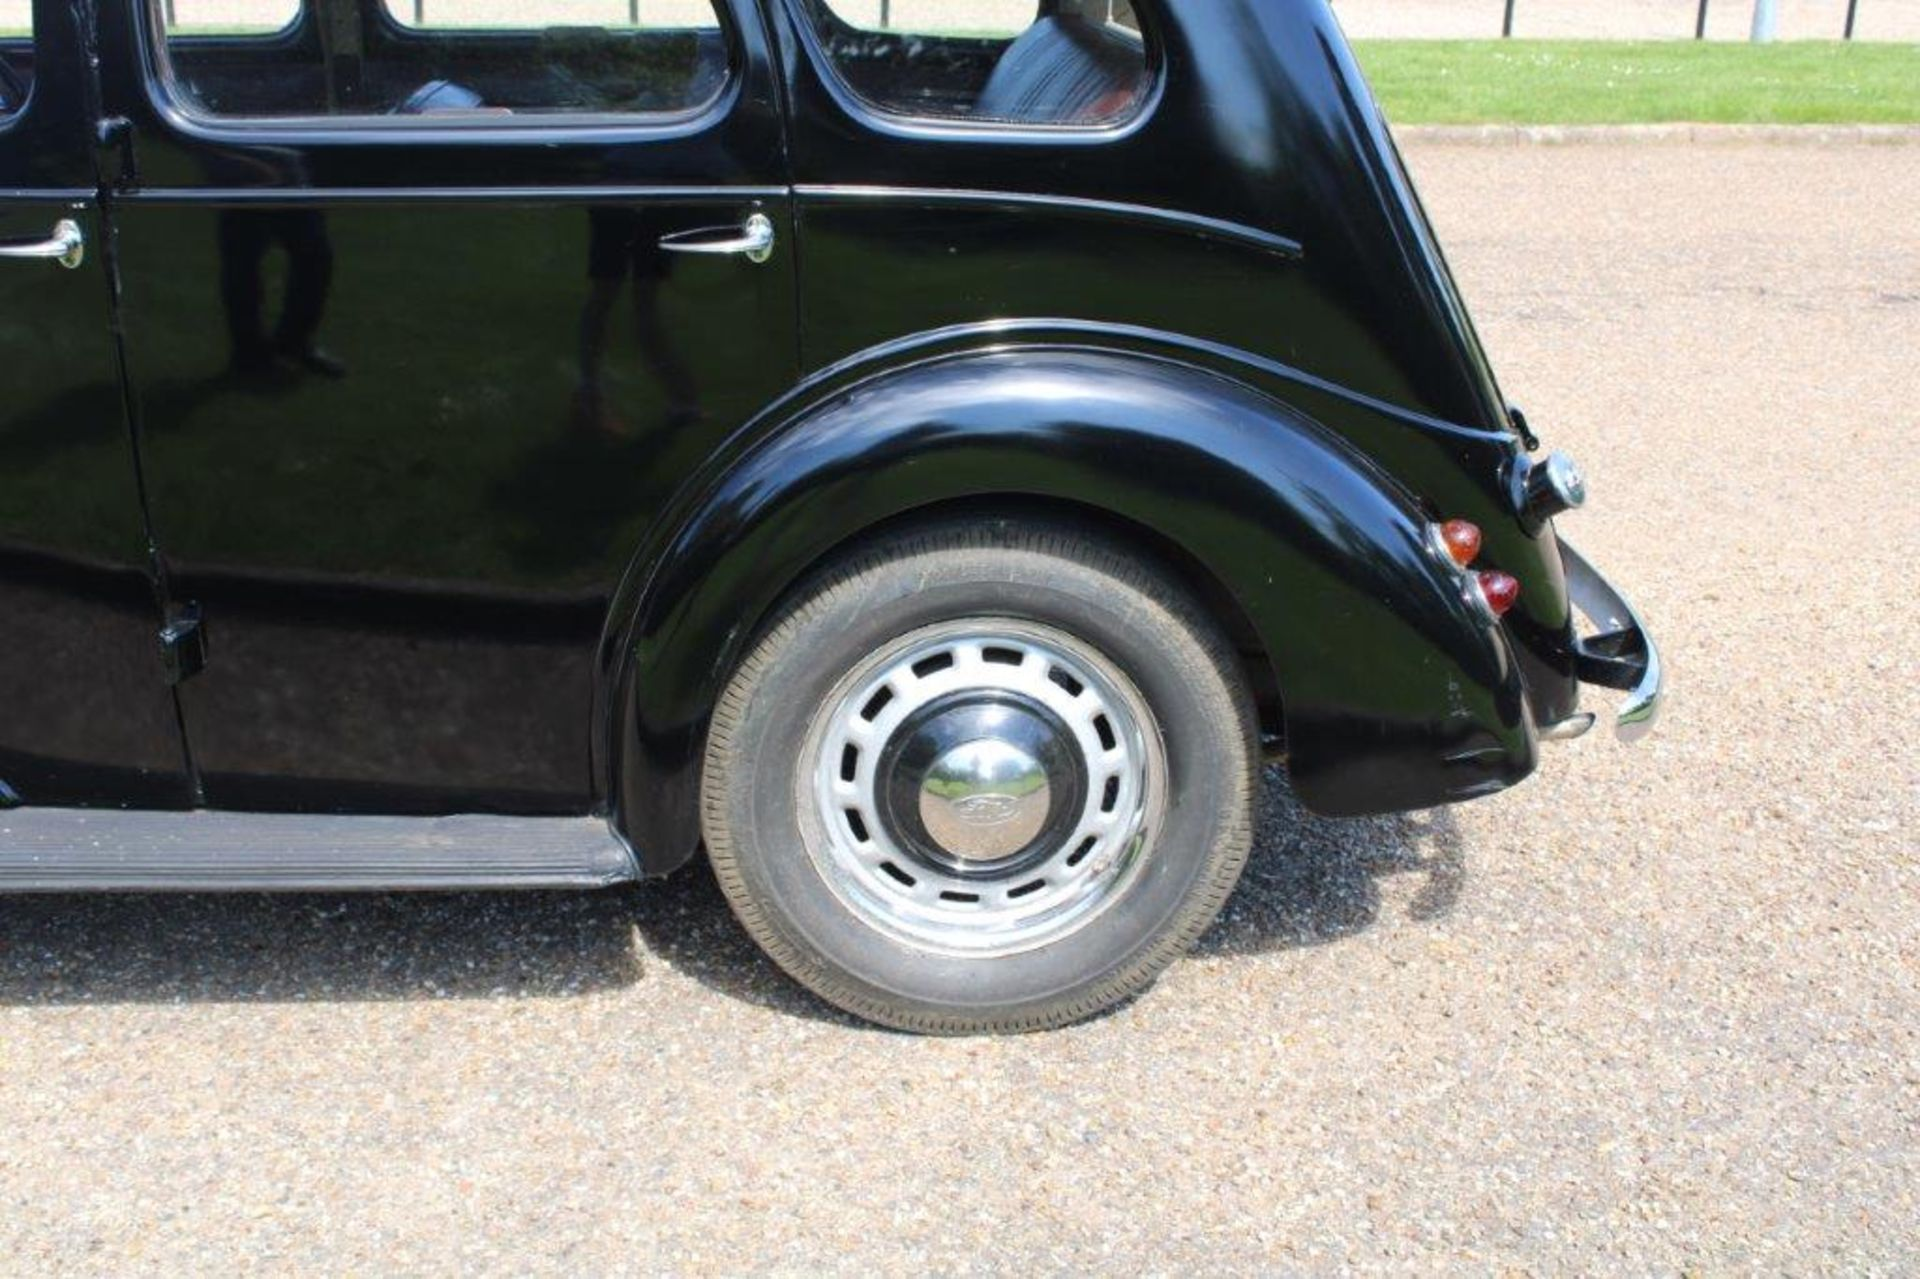 1946 Ford Prefect E93A - Image 5 of 30